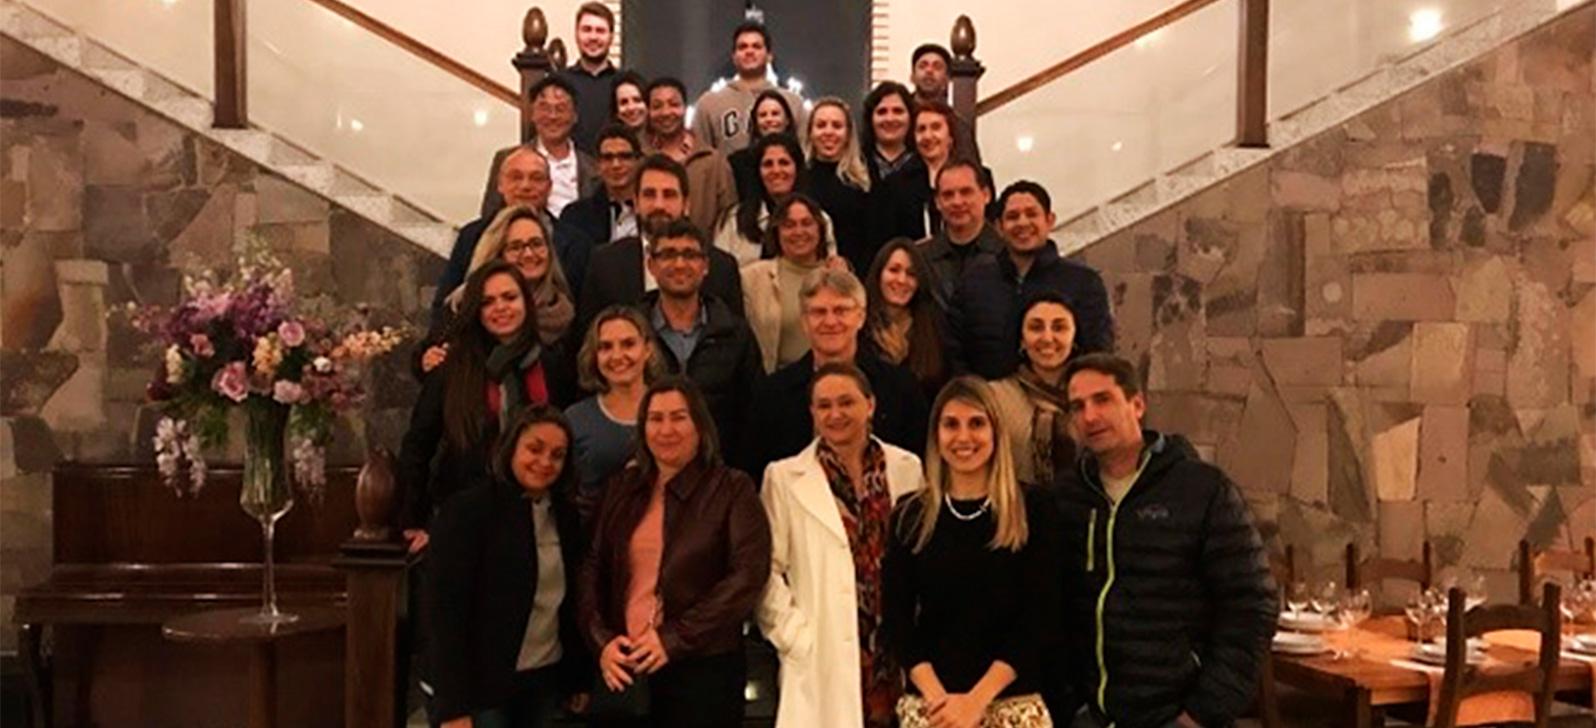 promip manejo integrado de pragas controle biologico promip citada no congresso brasileiro de nematologia